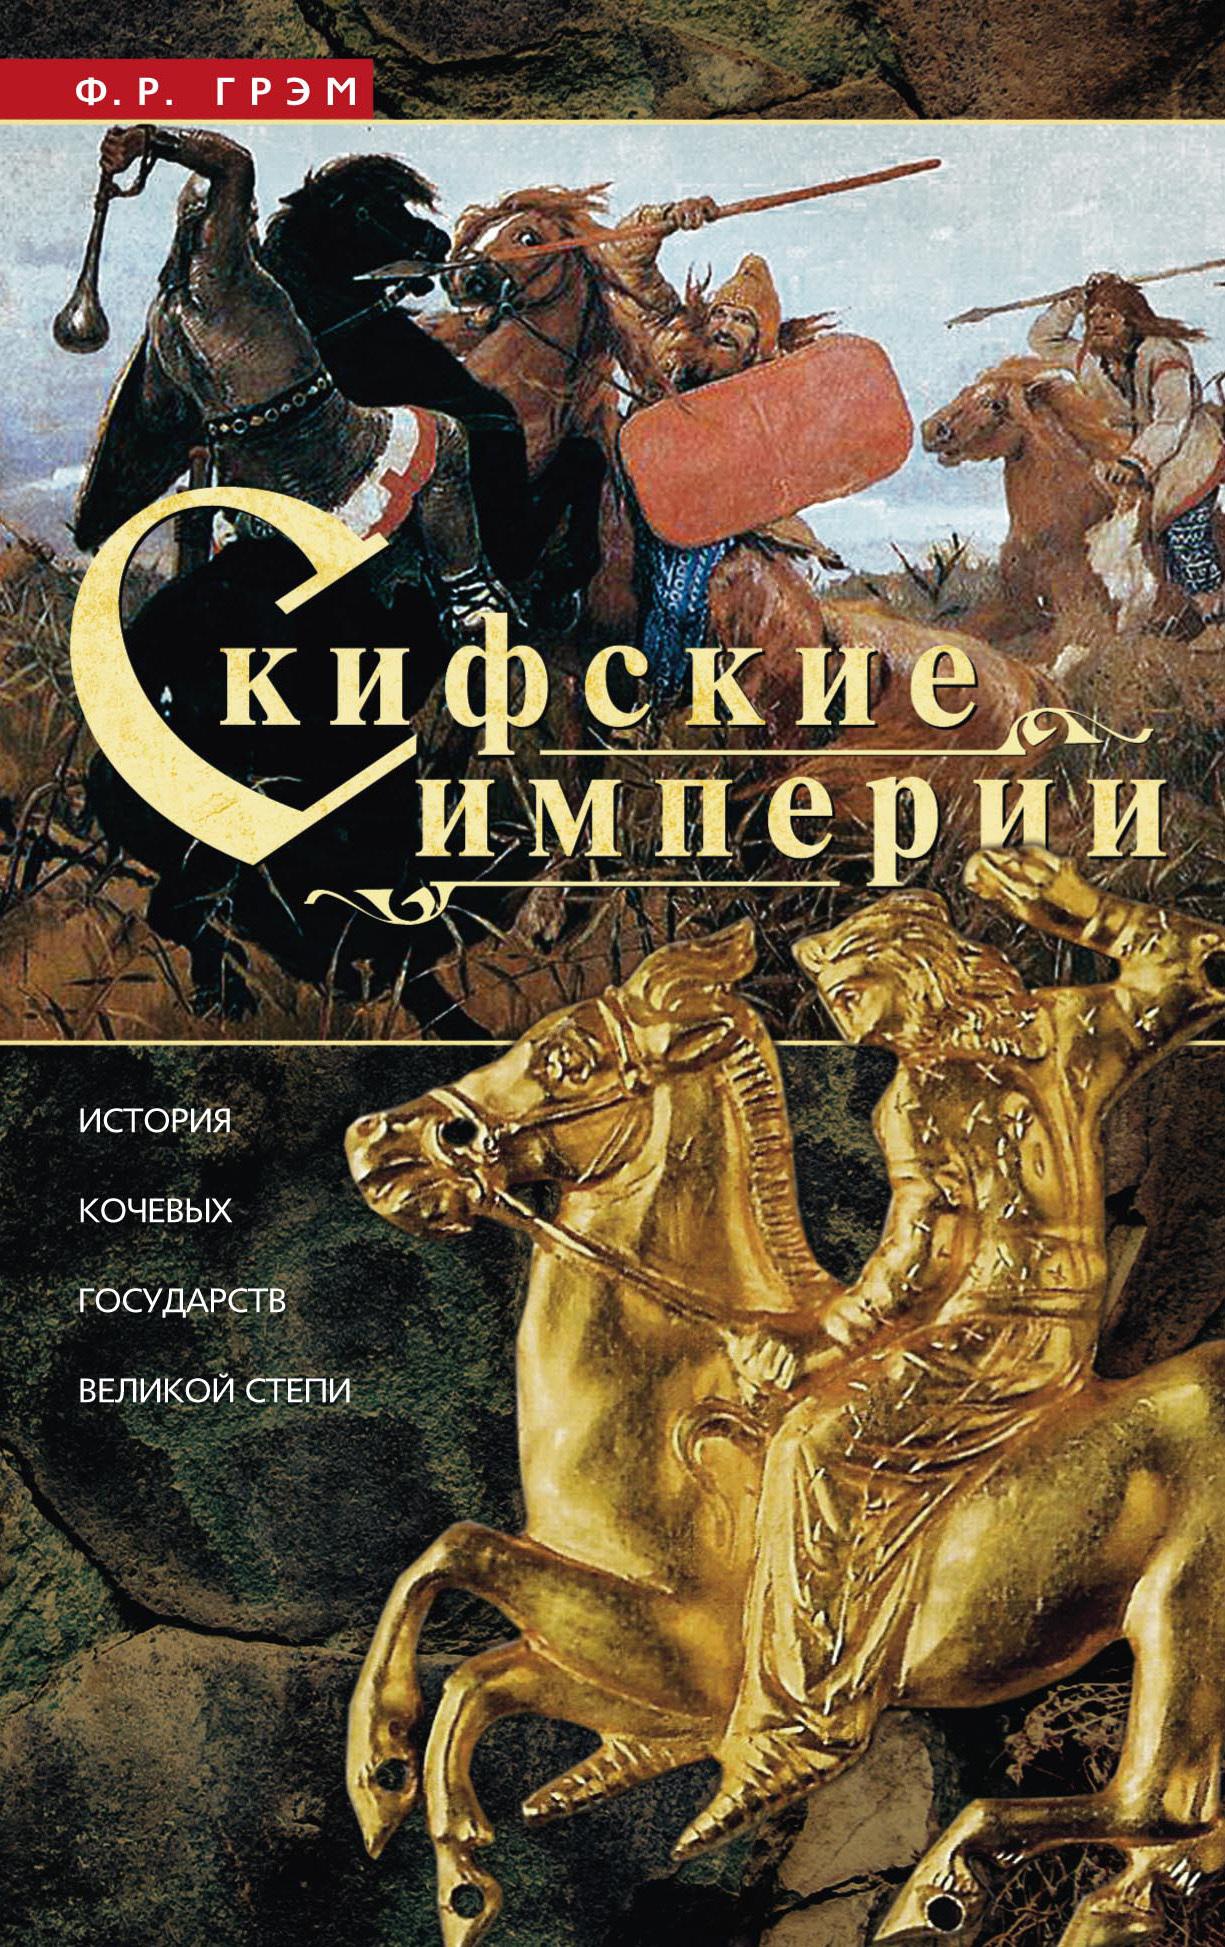 Ф. Грэм - Скифские империи. История кочевых государств Великой степи